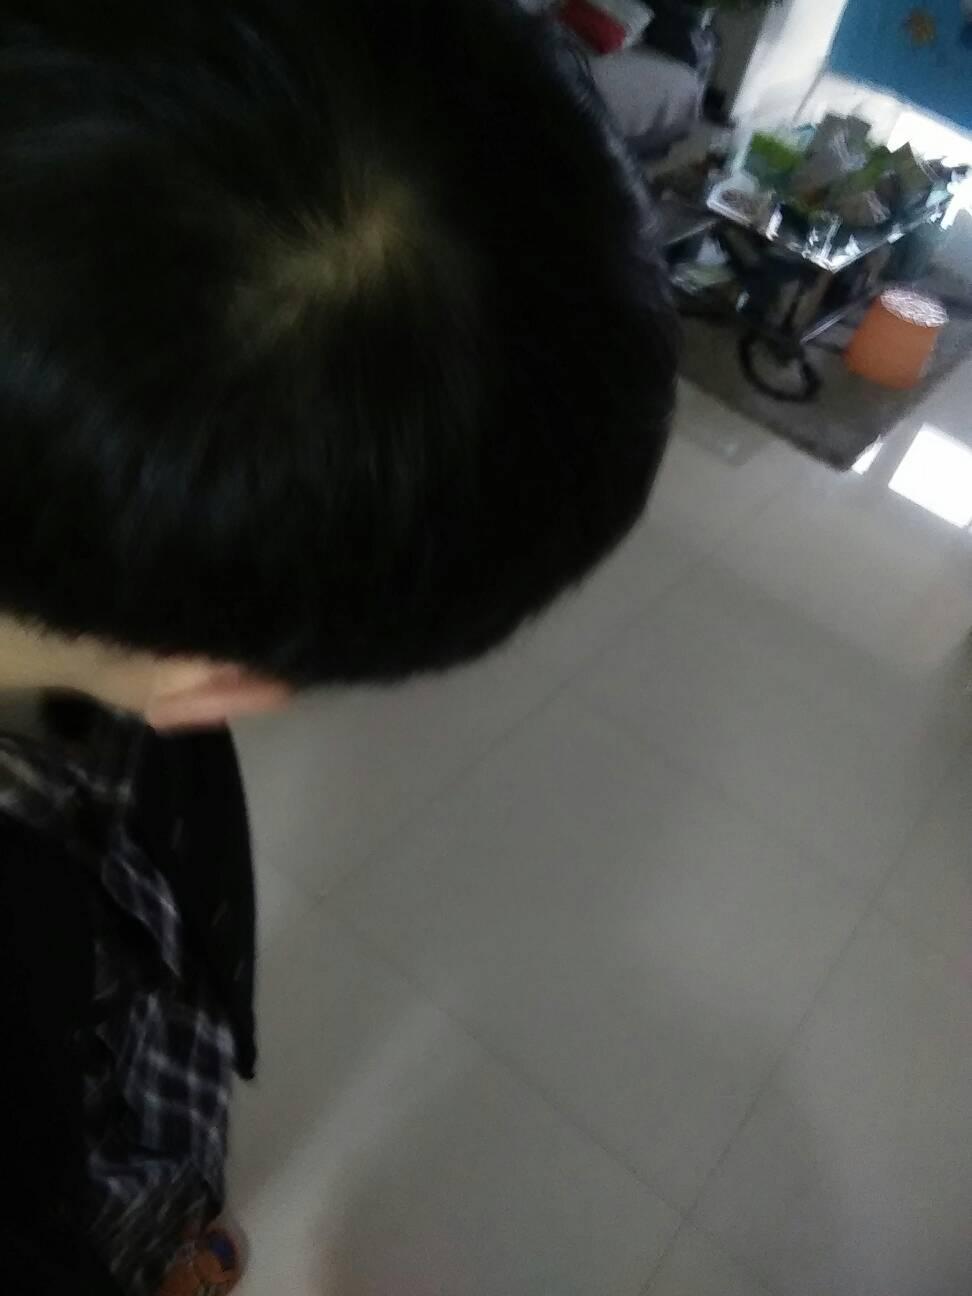 头顶漩涡处头发少!我才16岁,会不会是秃顶?好吓人啊!图片